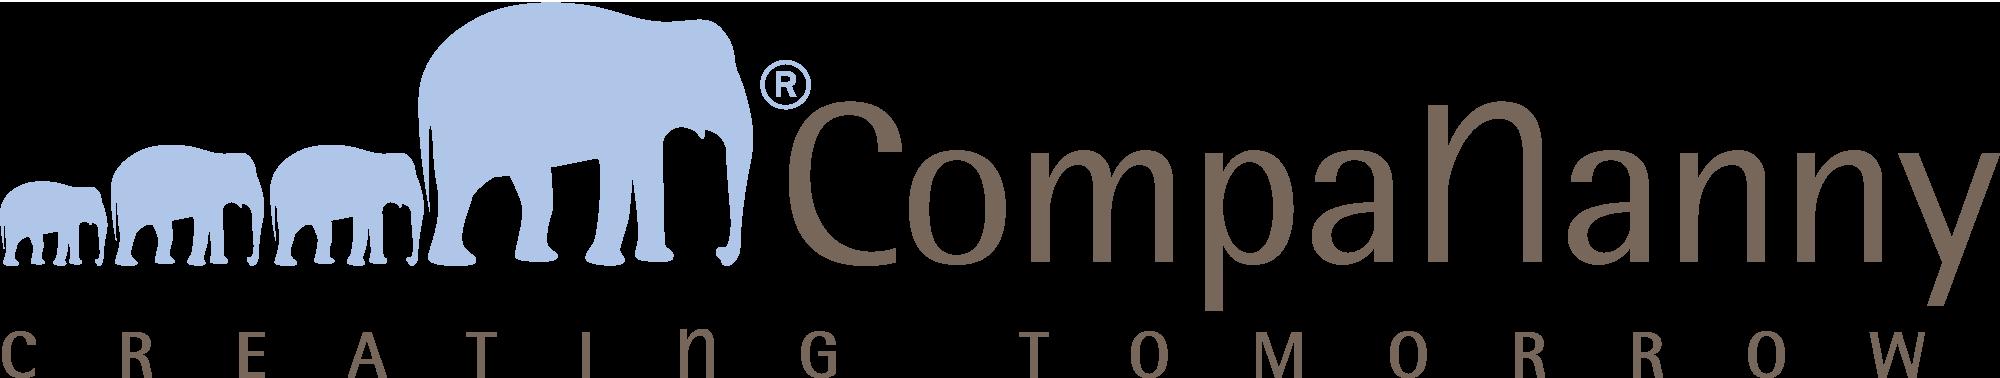 Werken bij Compananny